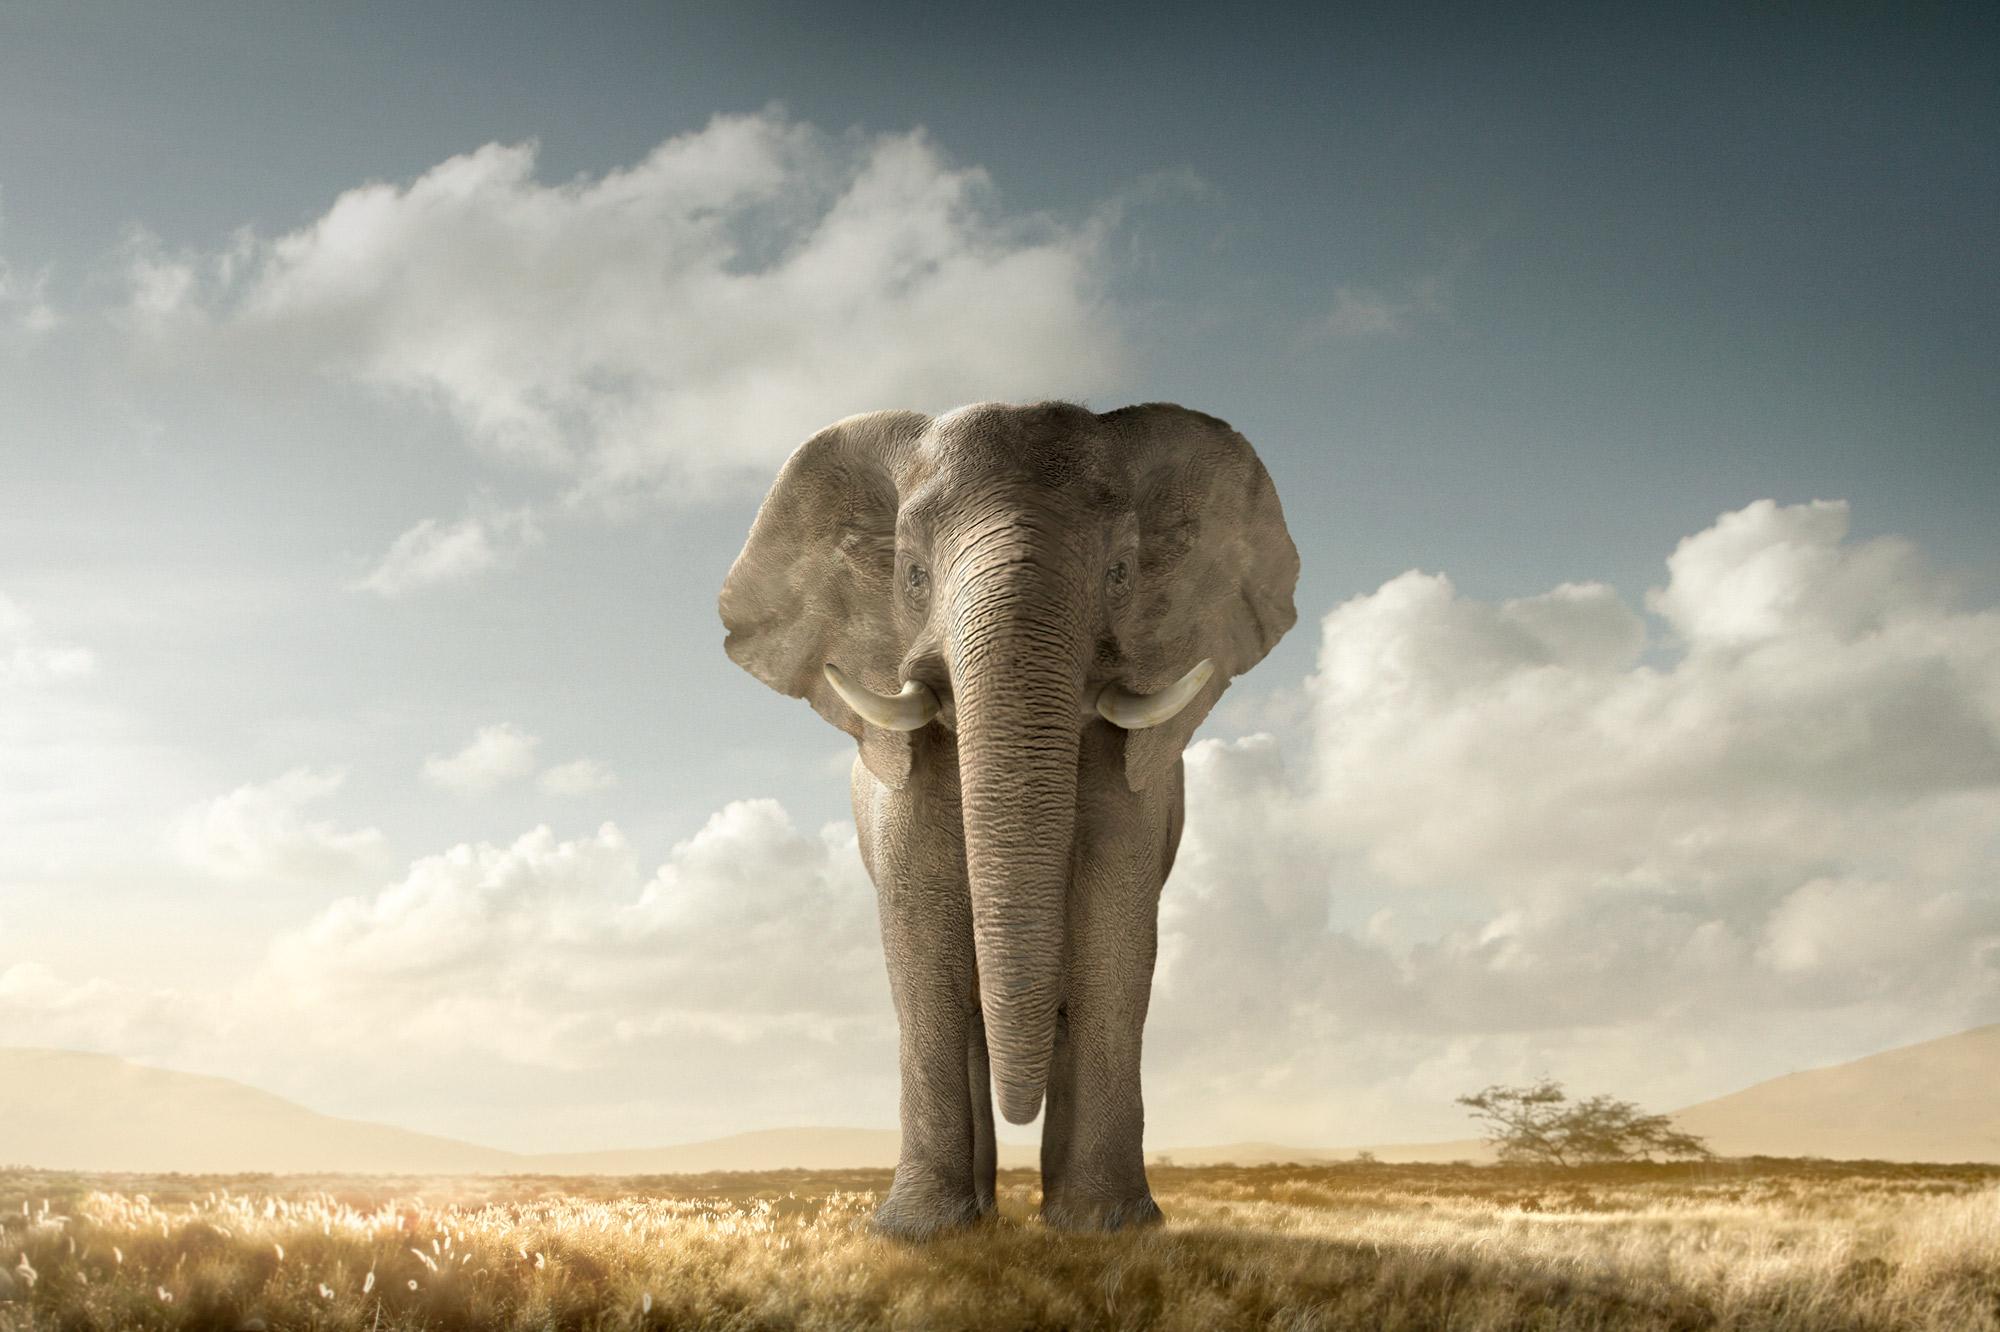 Chris Clor elephant